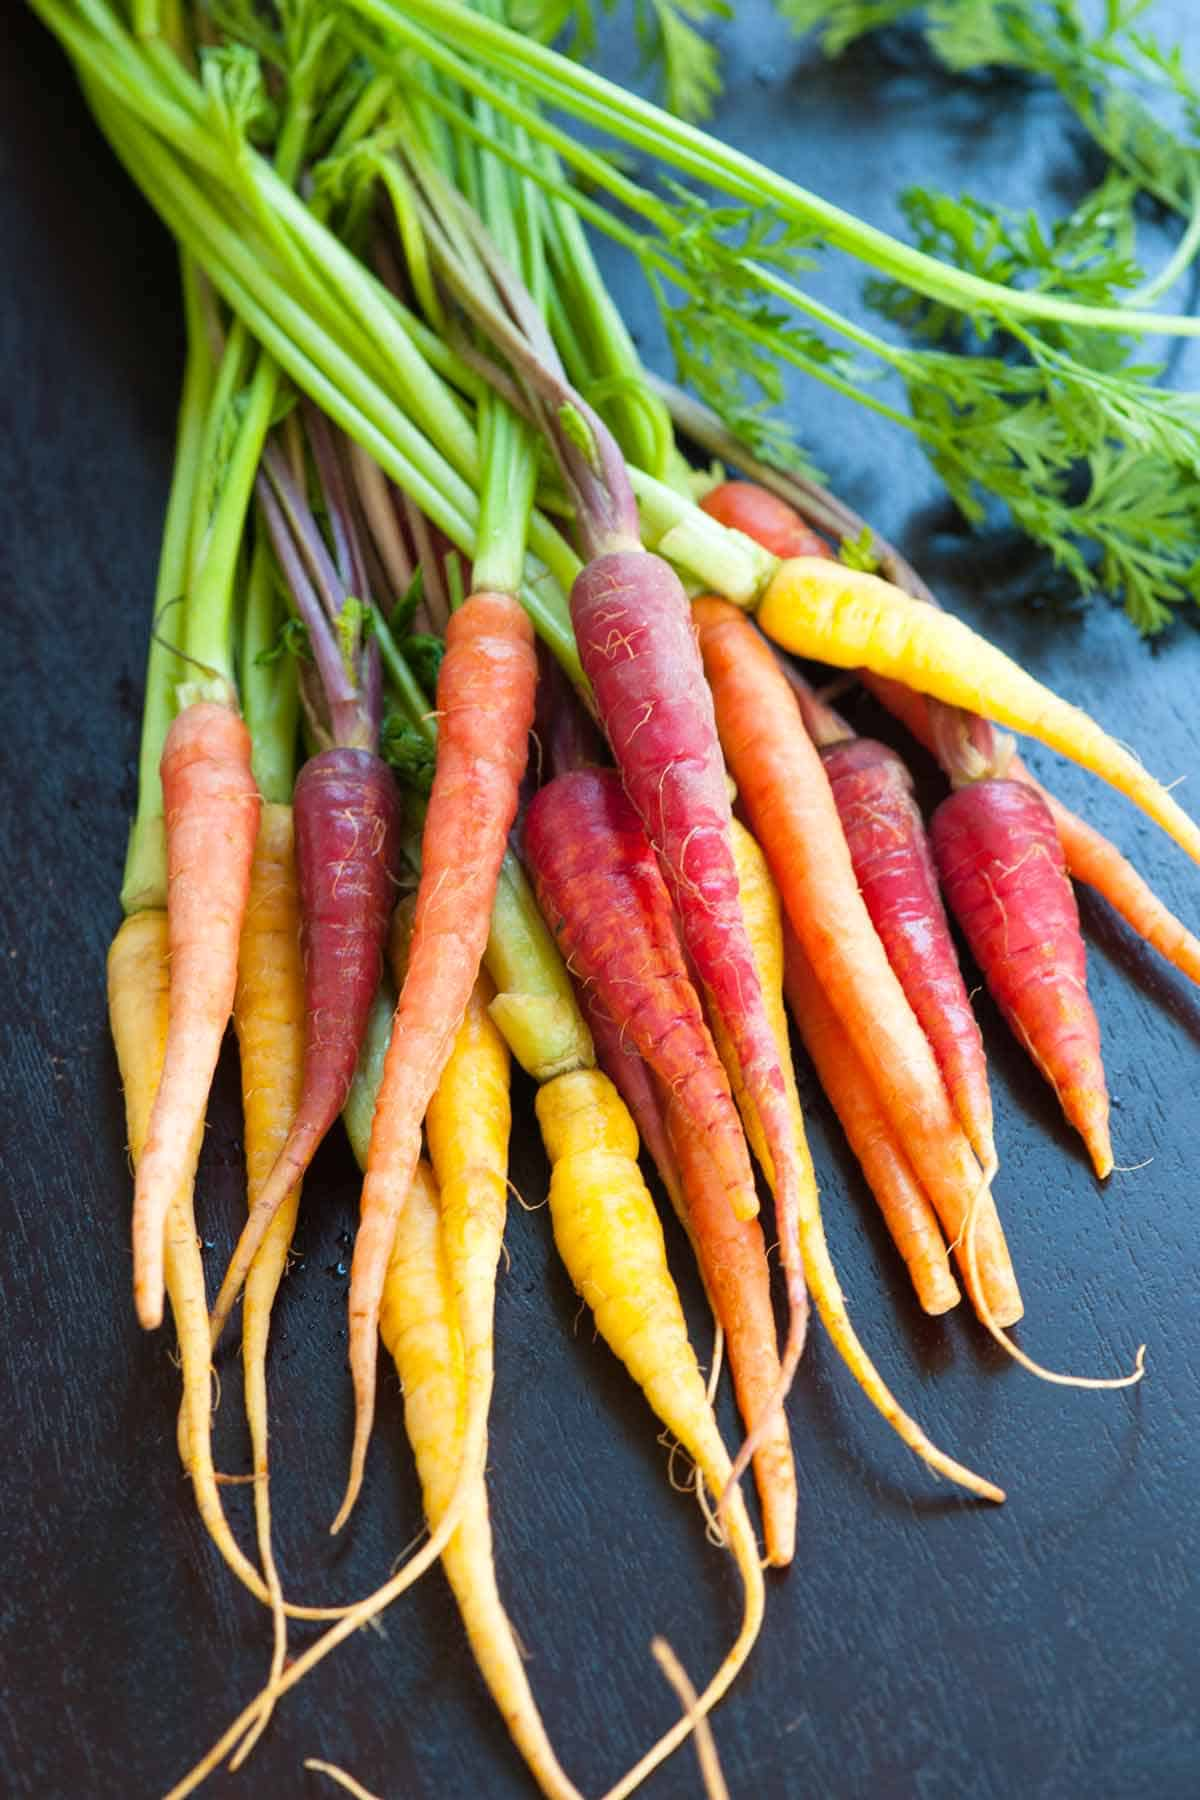 Baby rainbow carrots